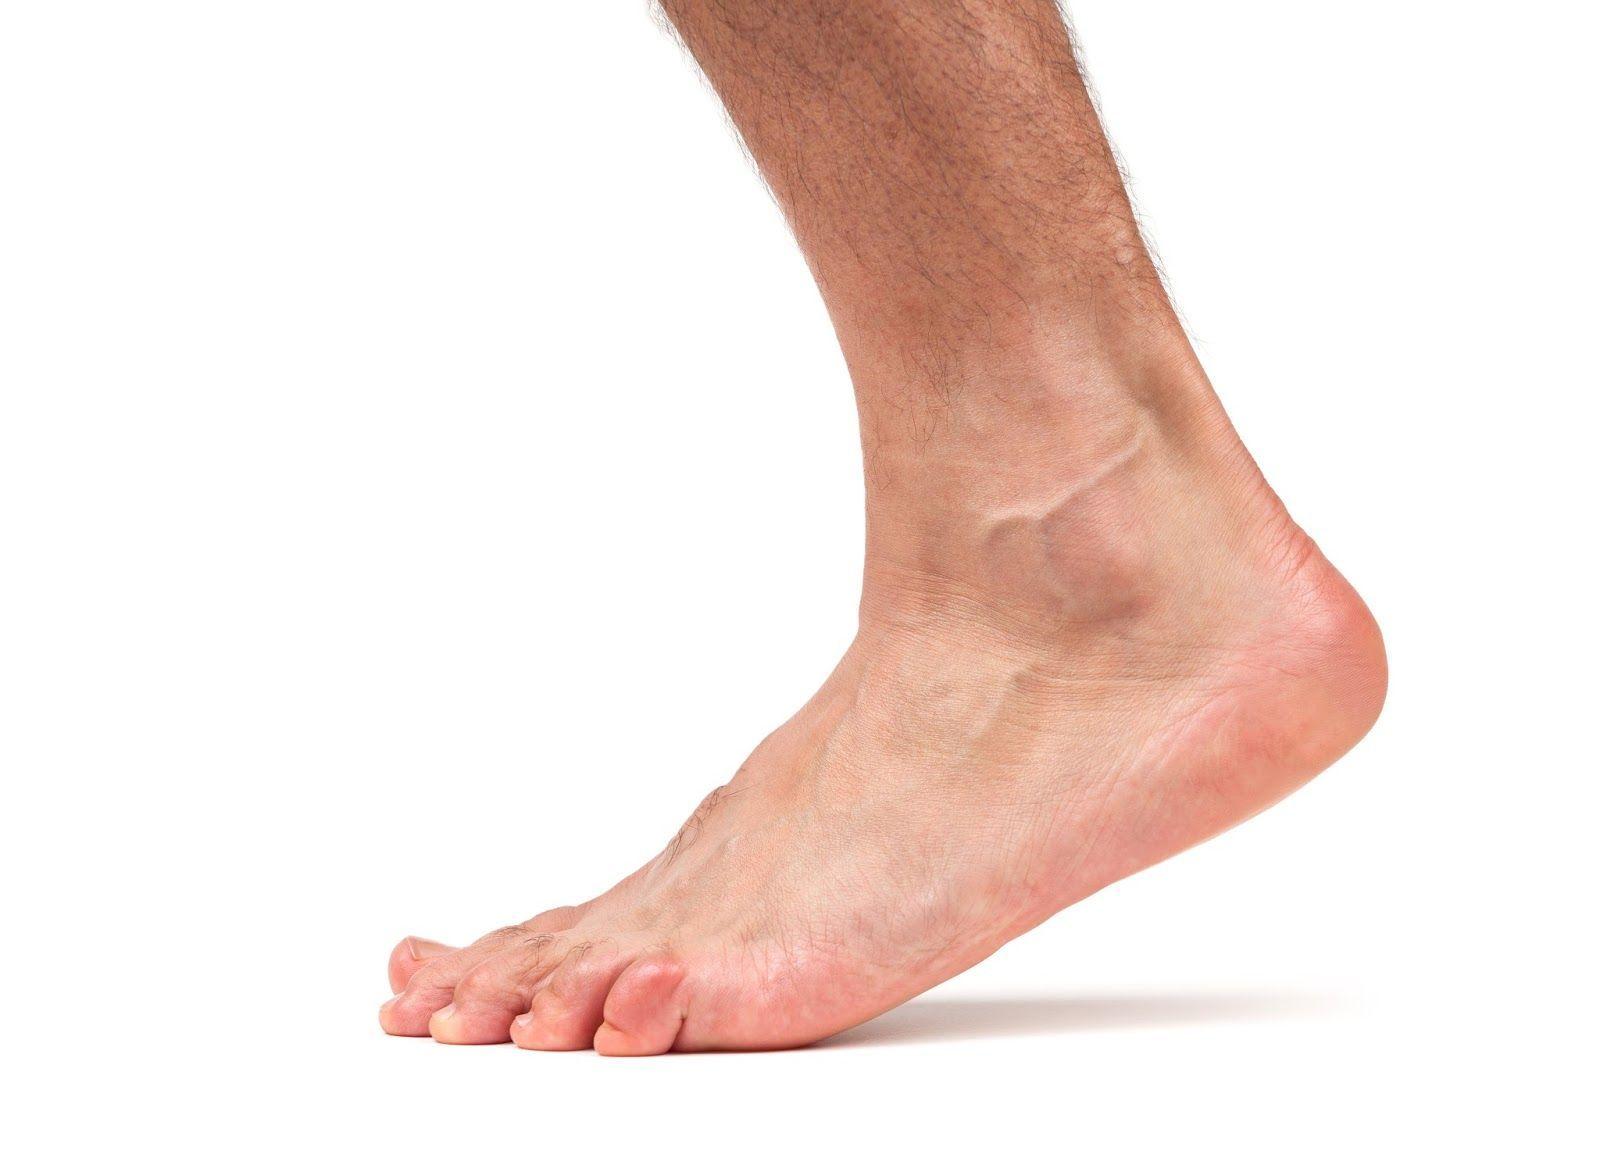 Перелом голеностопного сустава — как возникает, каковы симптомы и лечение